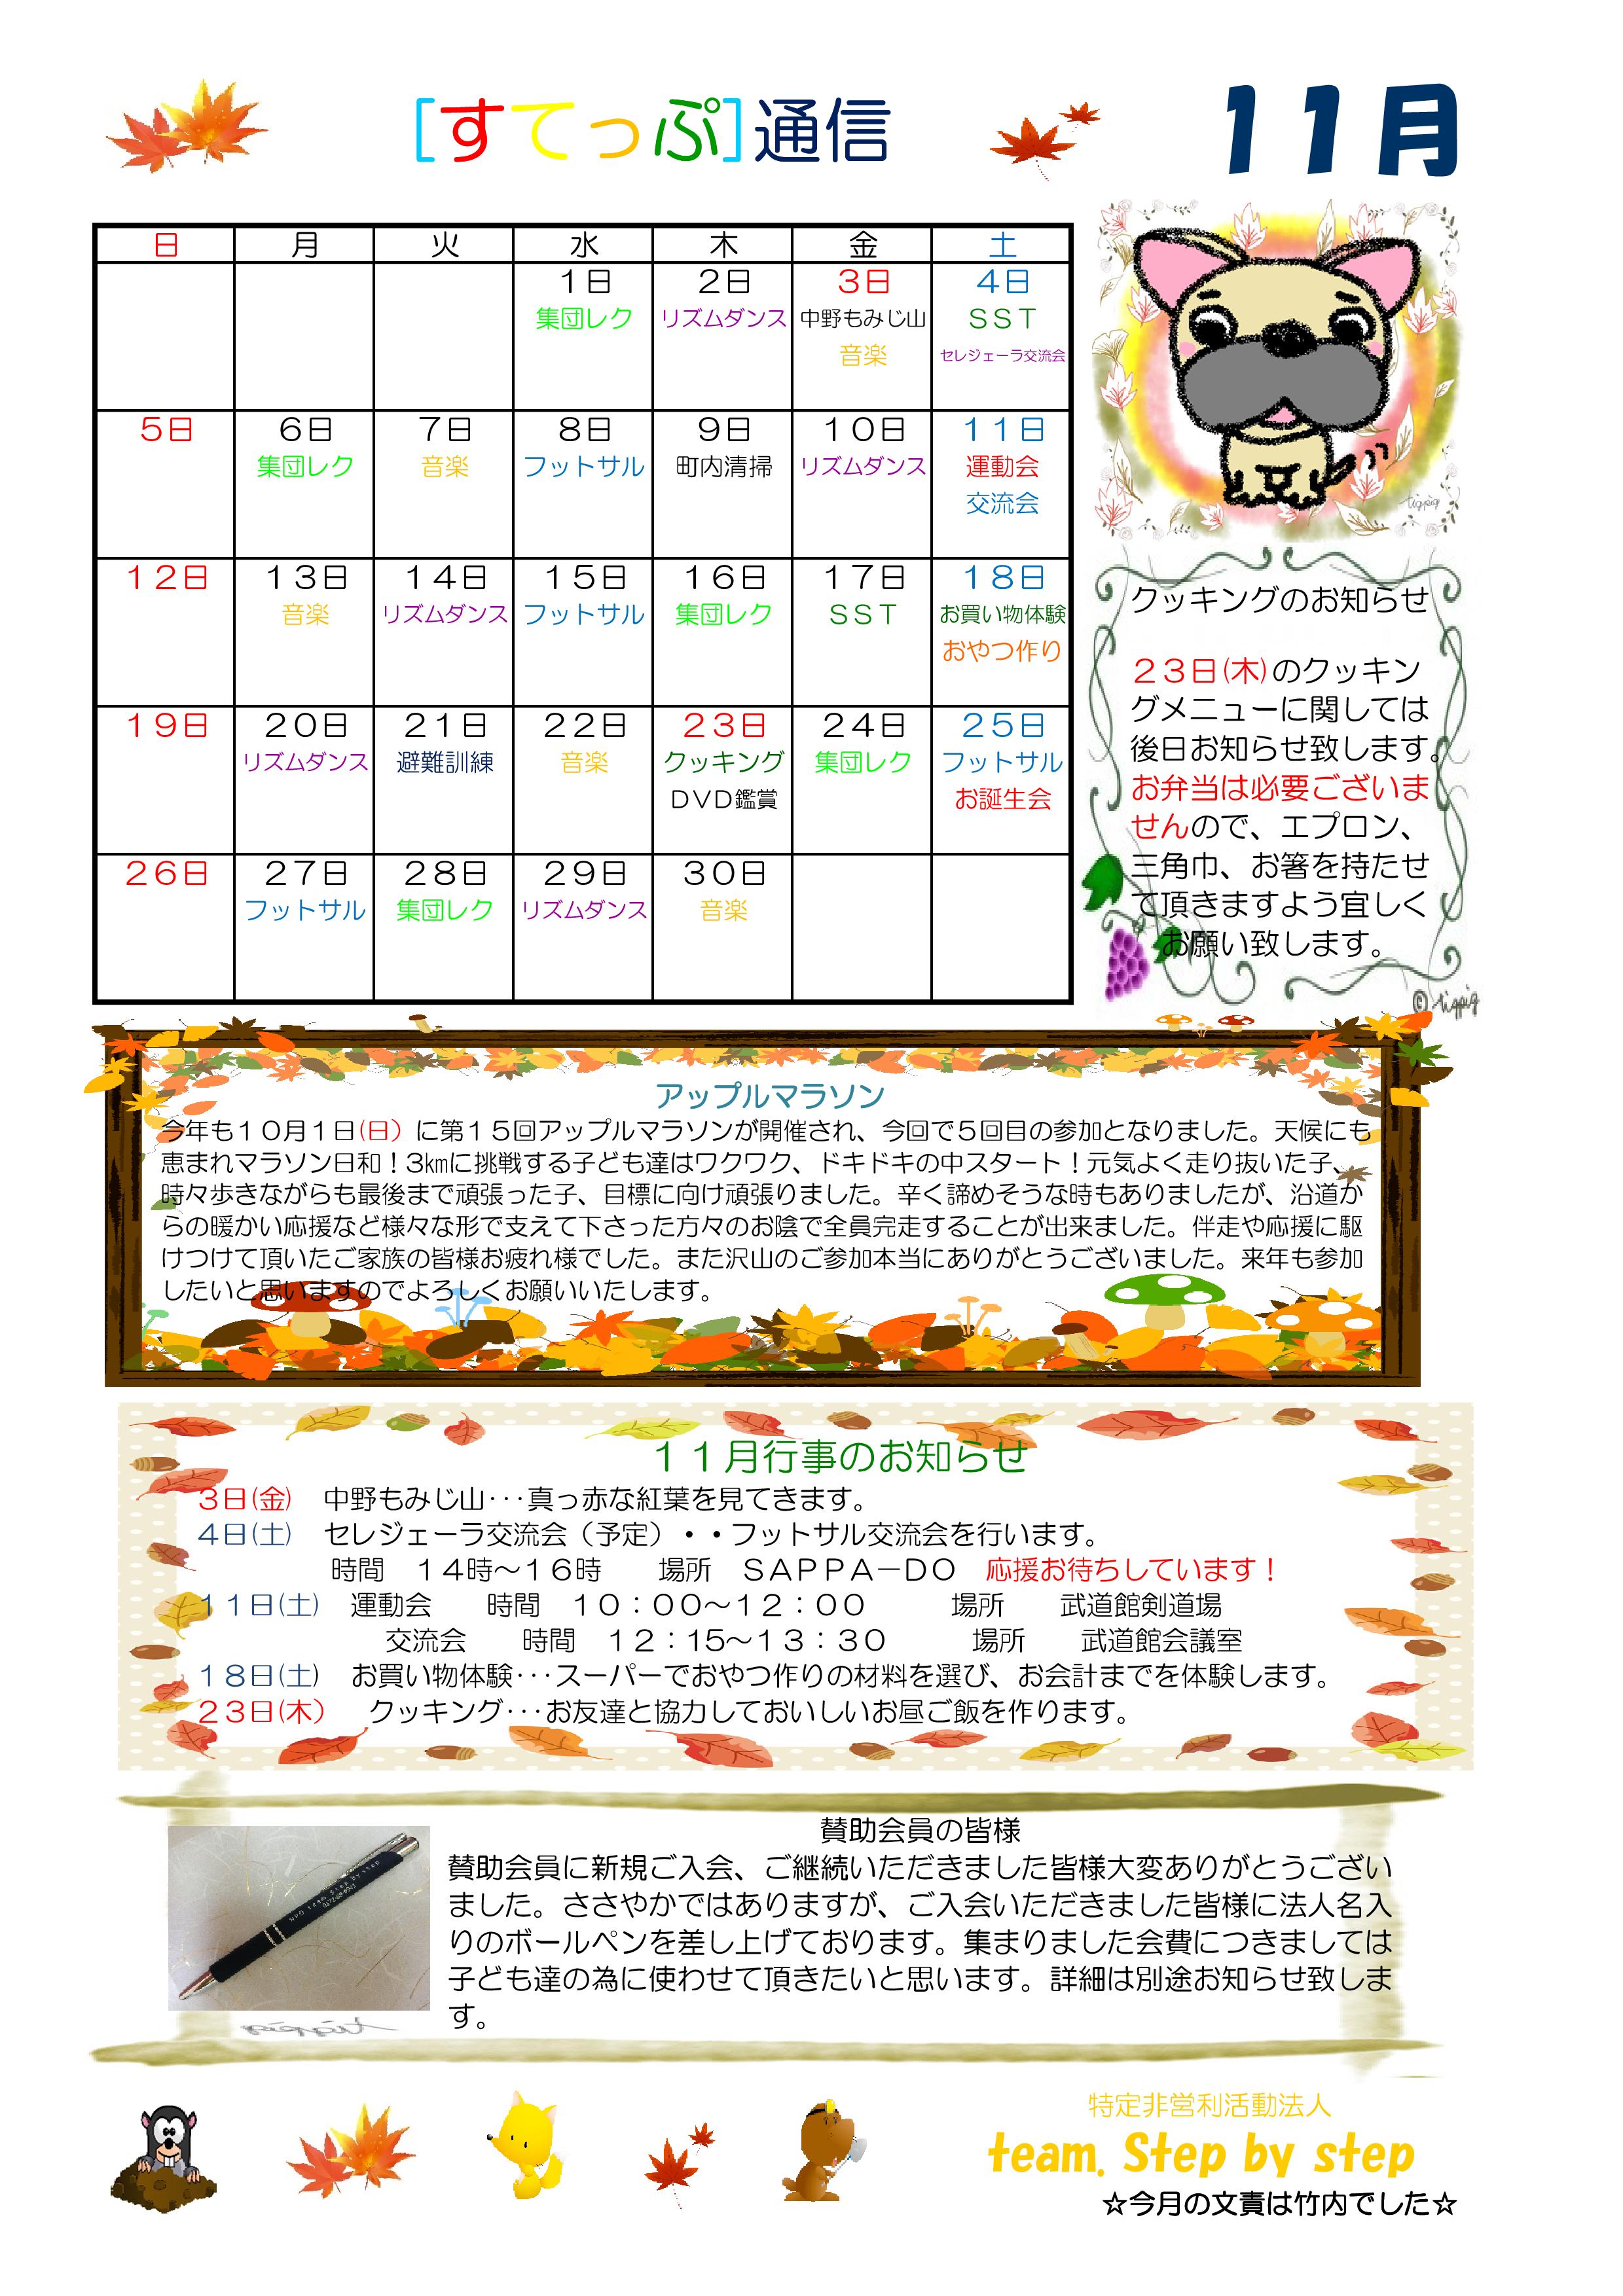 児童デイサービスすてっぷ 日中一時支援 すてっぷ・あっぷ通信2017年11月号